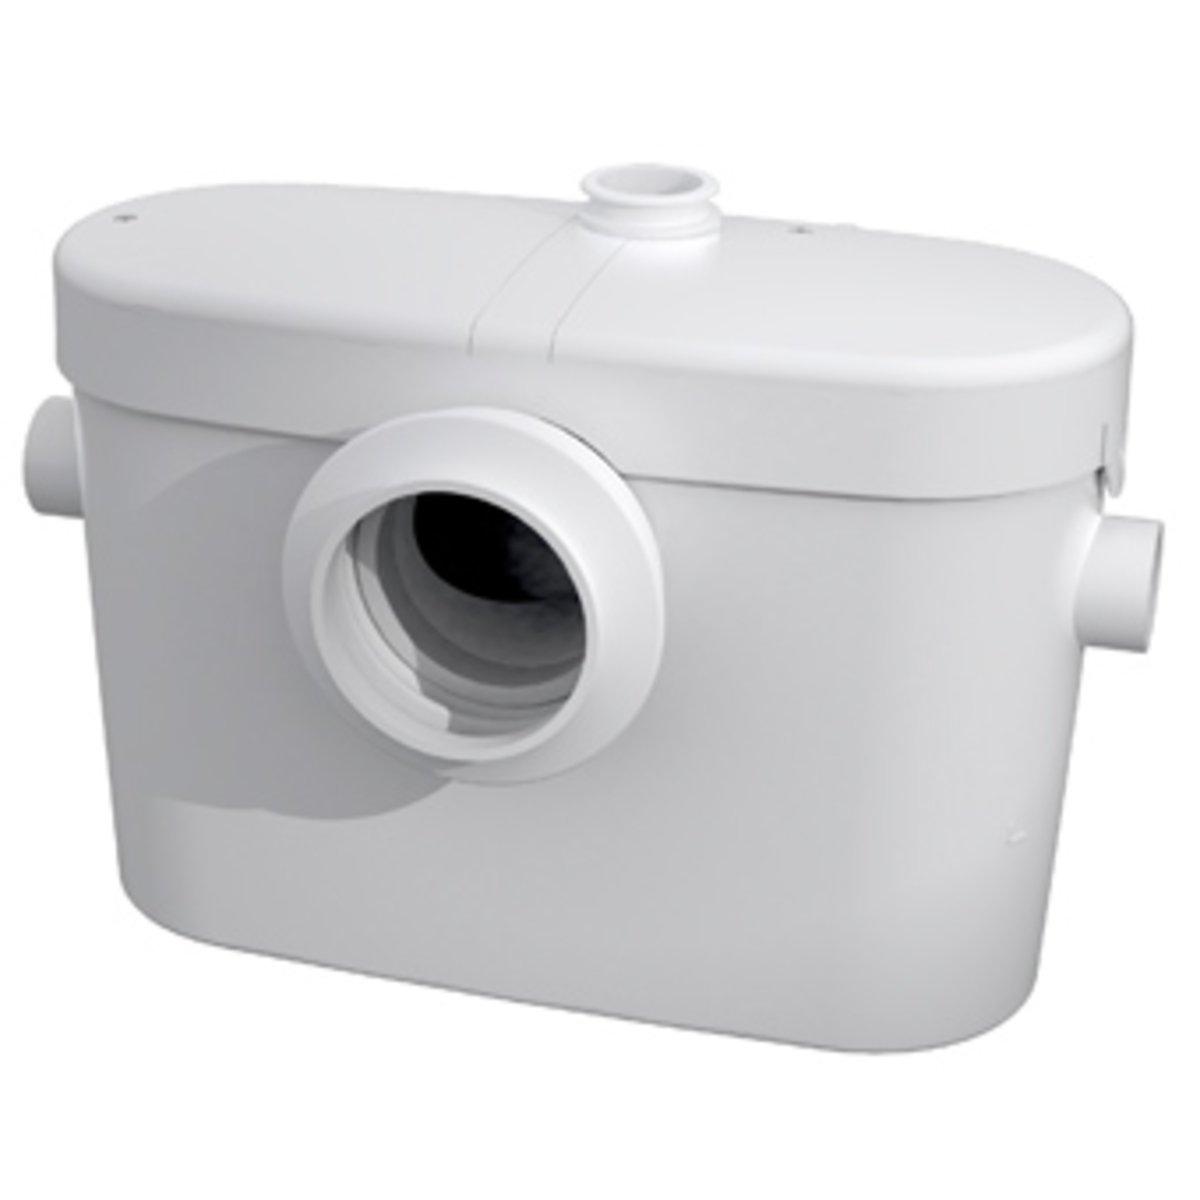 Sanibroyeur Saniaccess 2 Broyeur Sanitaire - 005402 pour Toilette Sanibroyeur